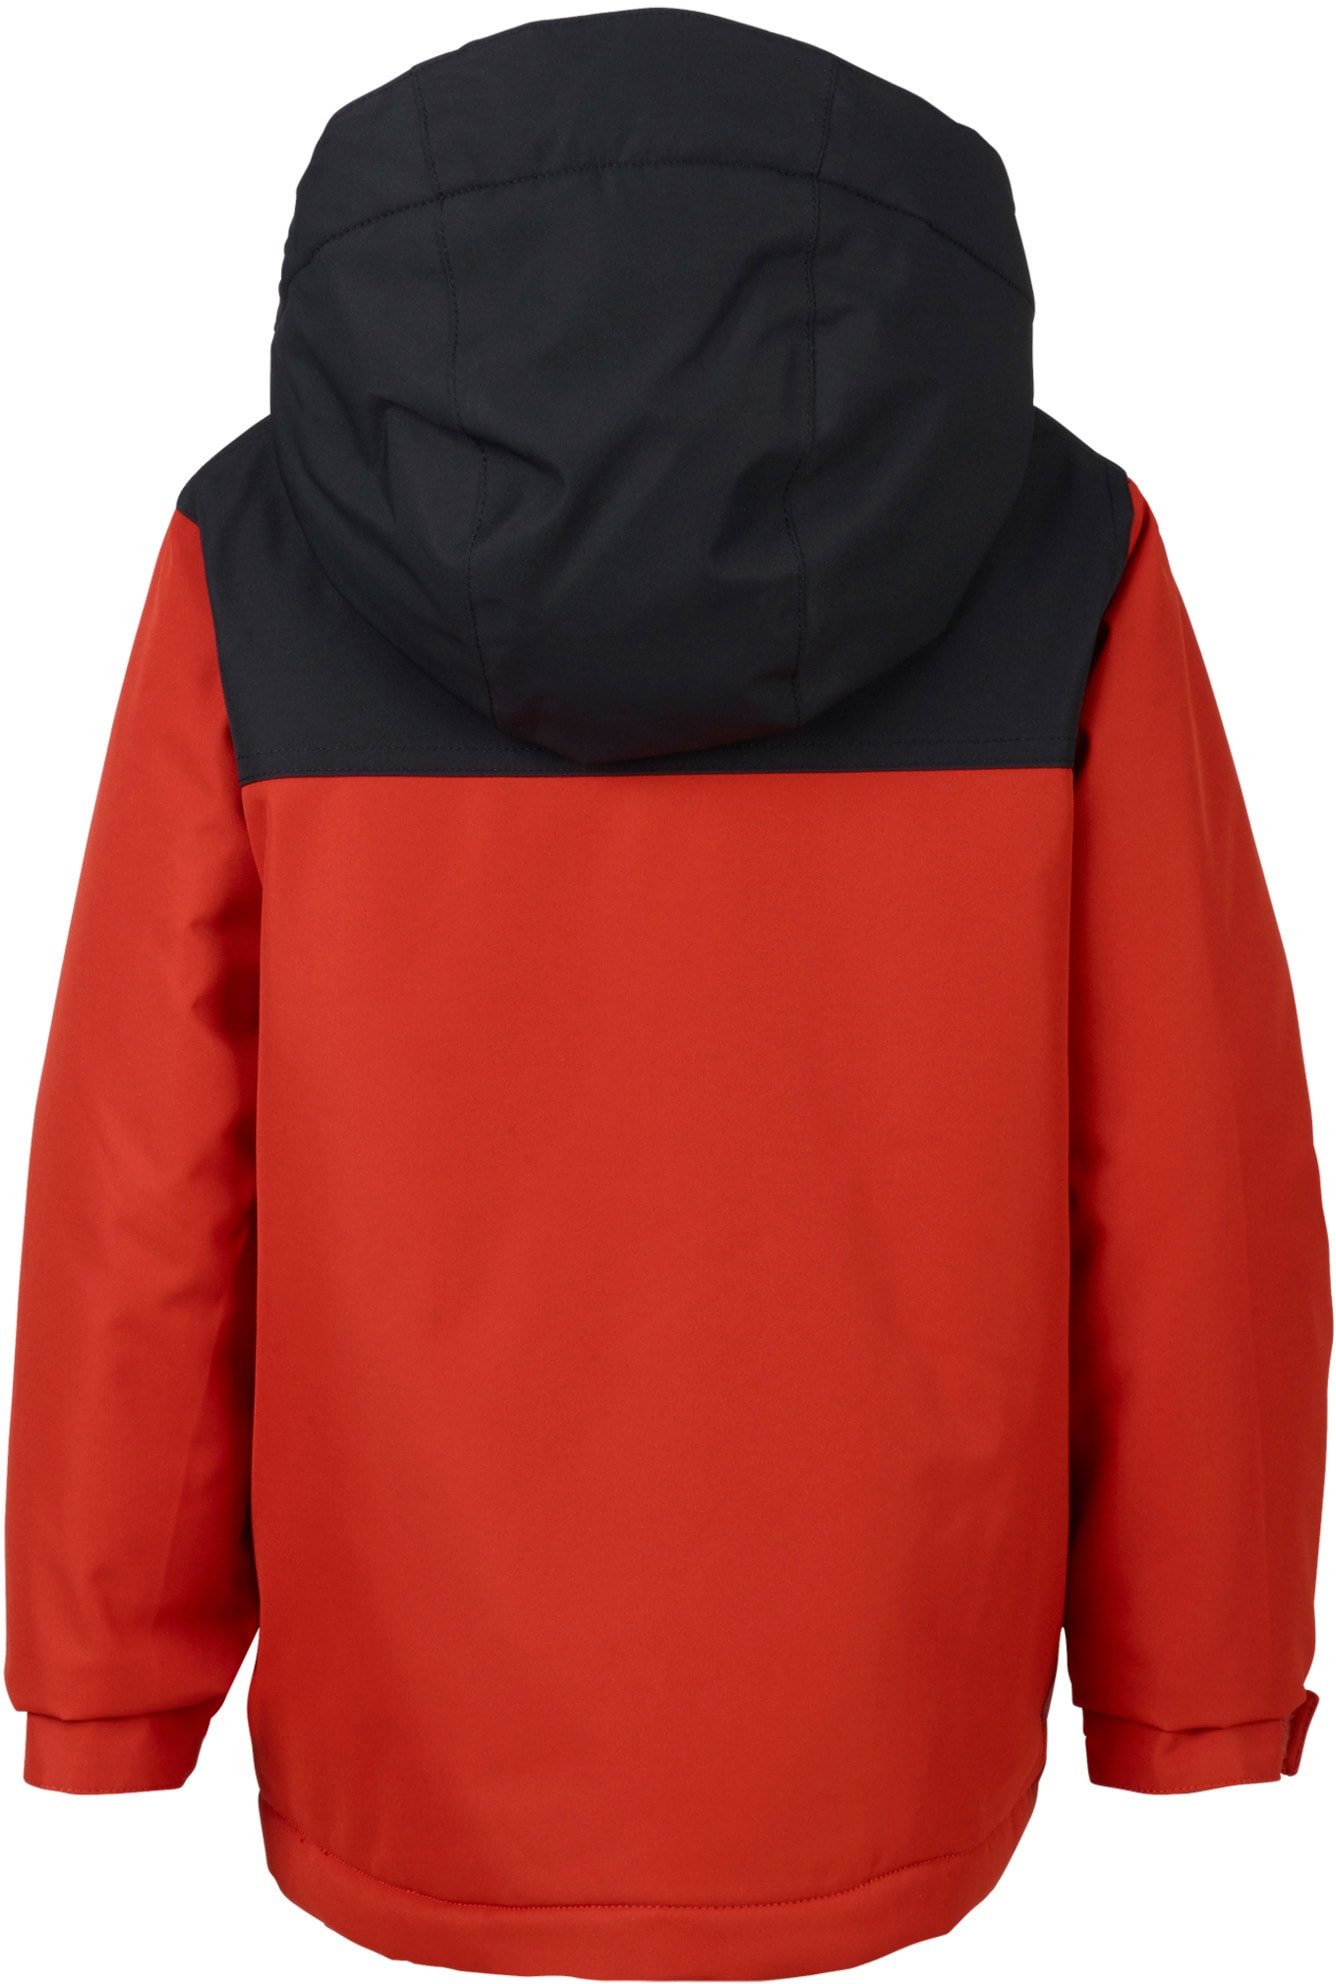 a85361353 Burton Minishred Amped Snowboard Jacket - Kids